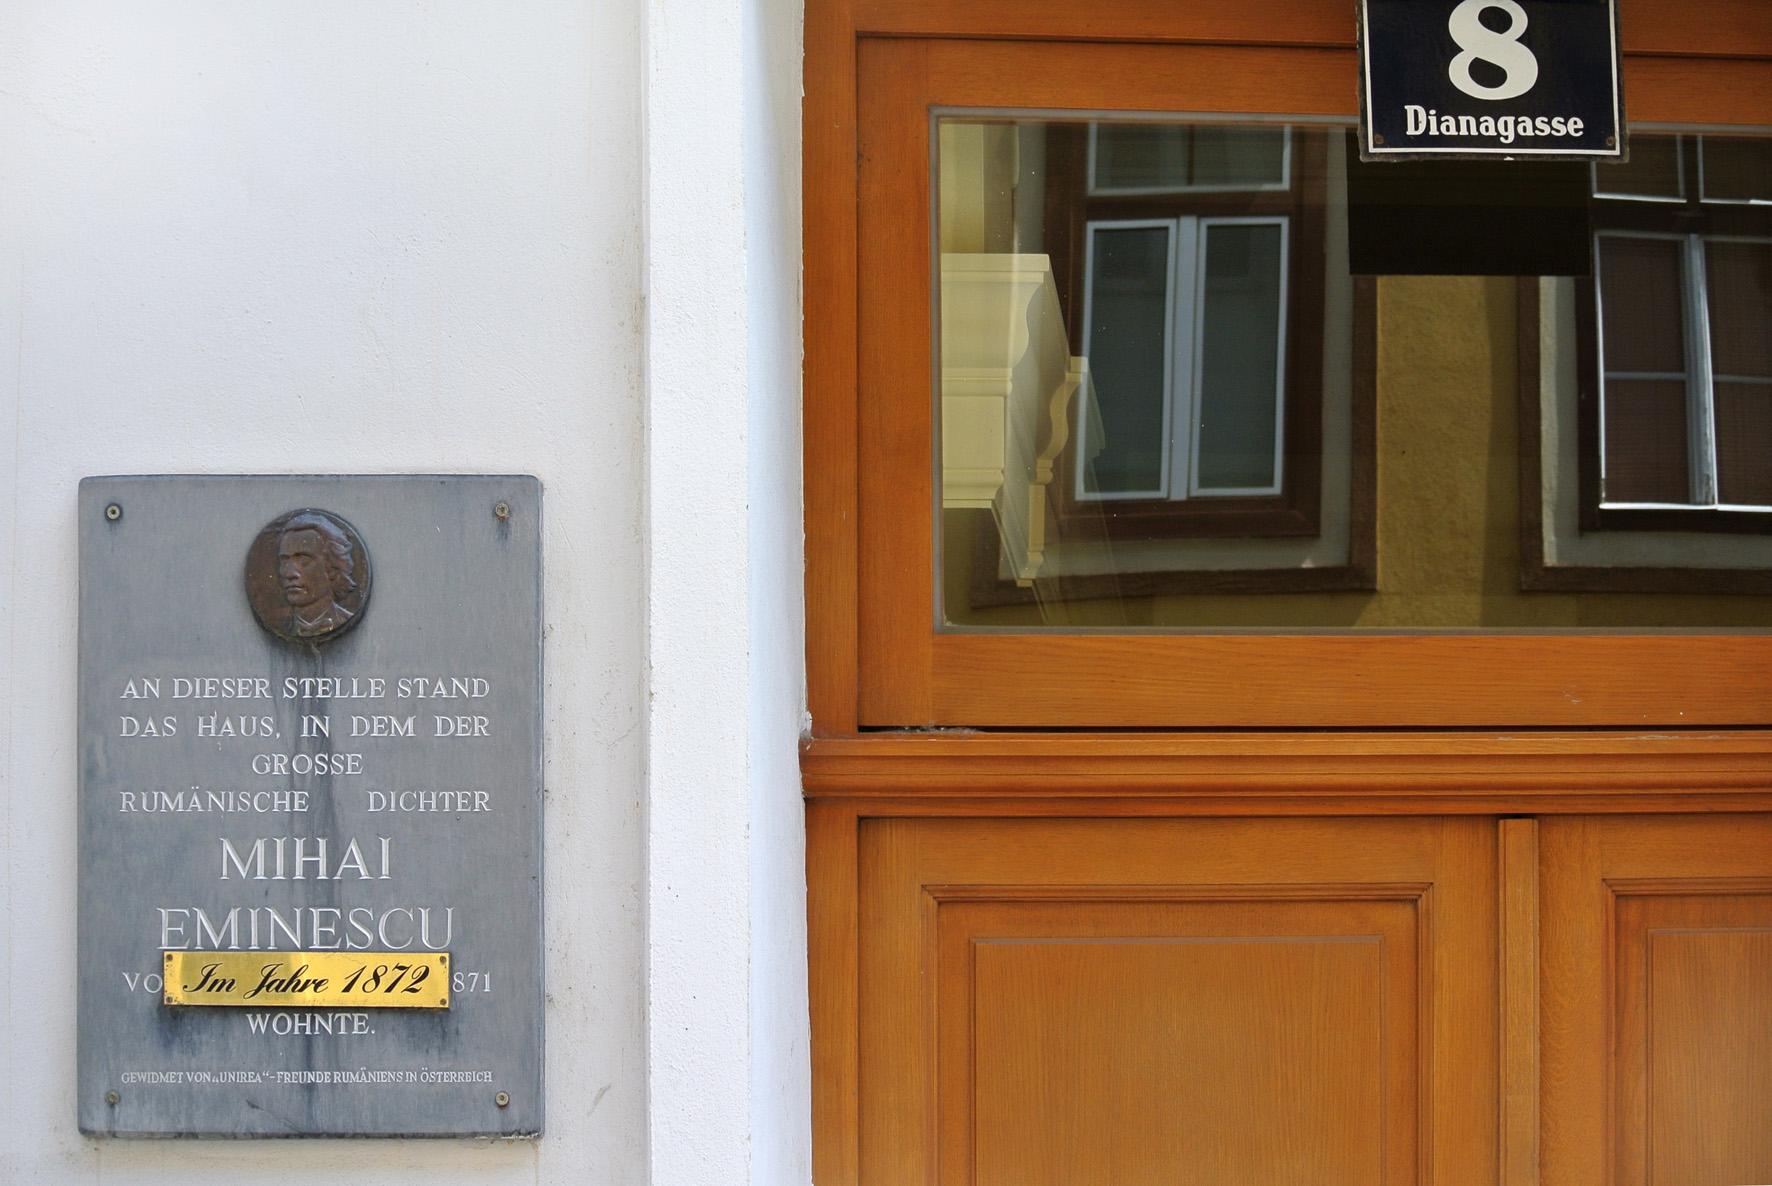 Mihai Eminescu, GT Wohnhaus Dianagasse Nr.8, Wien 3.jpg